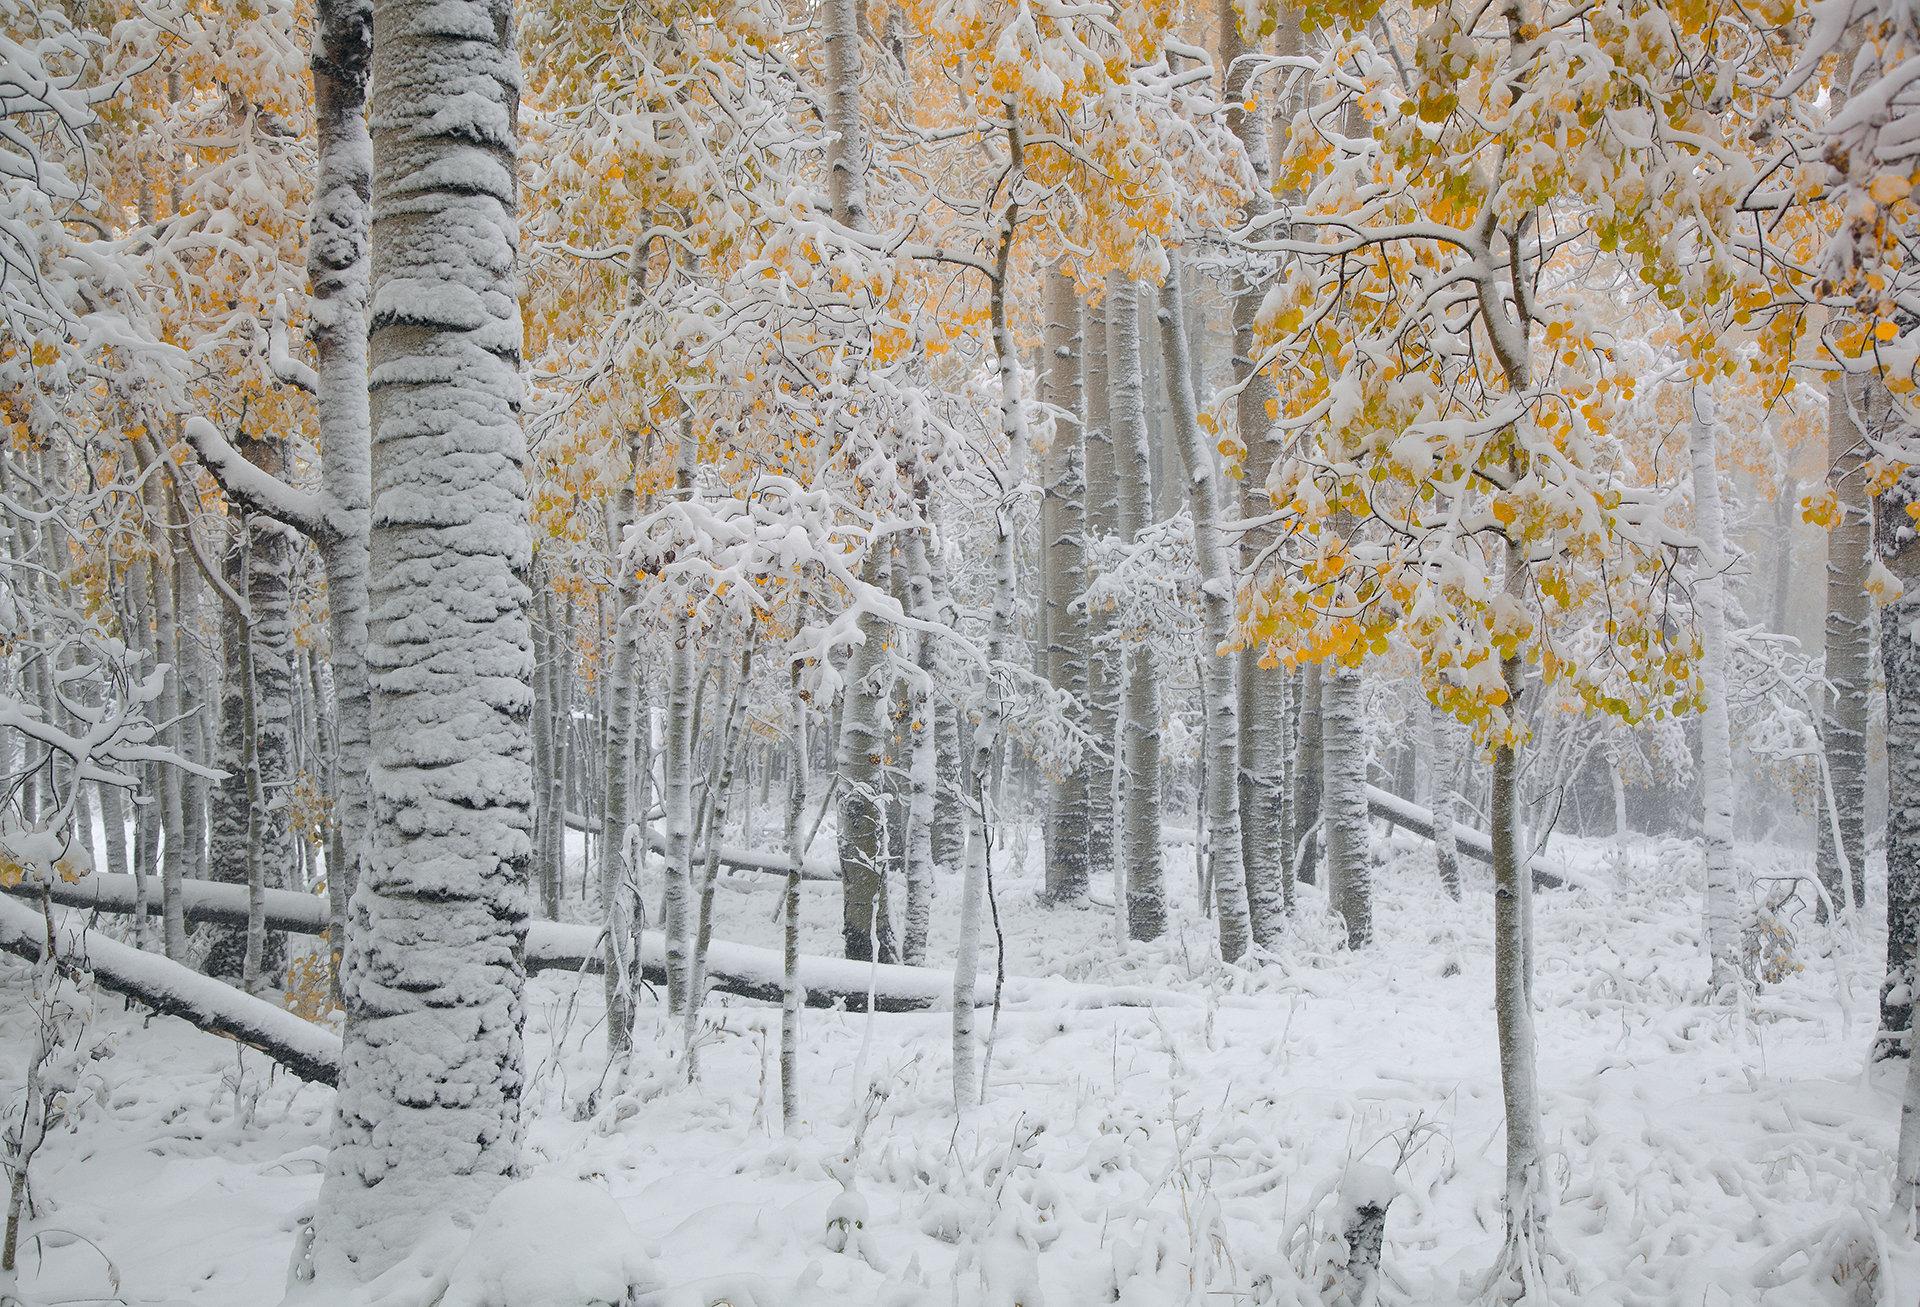 October Blizzard